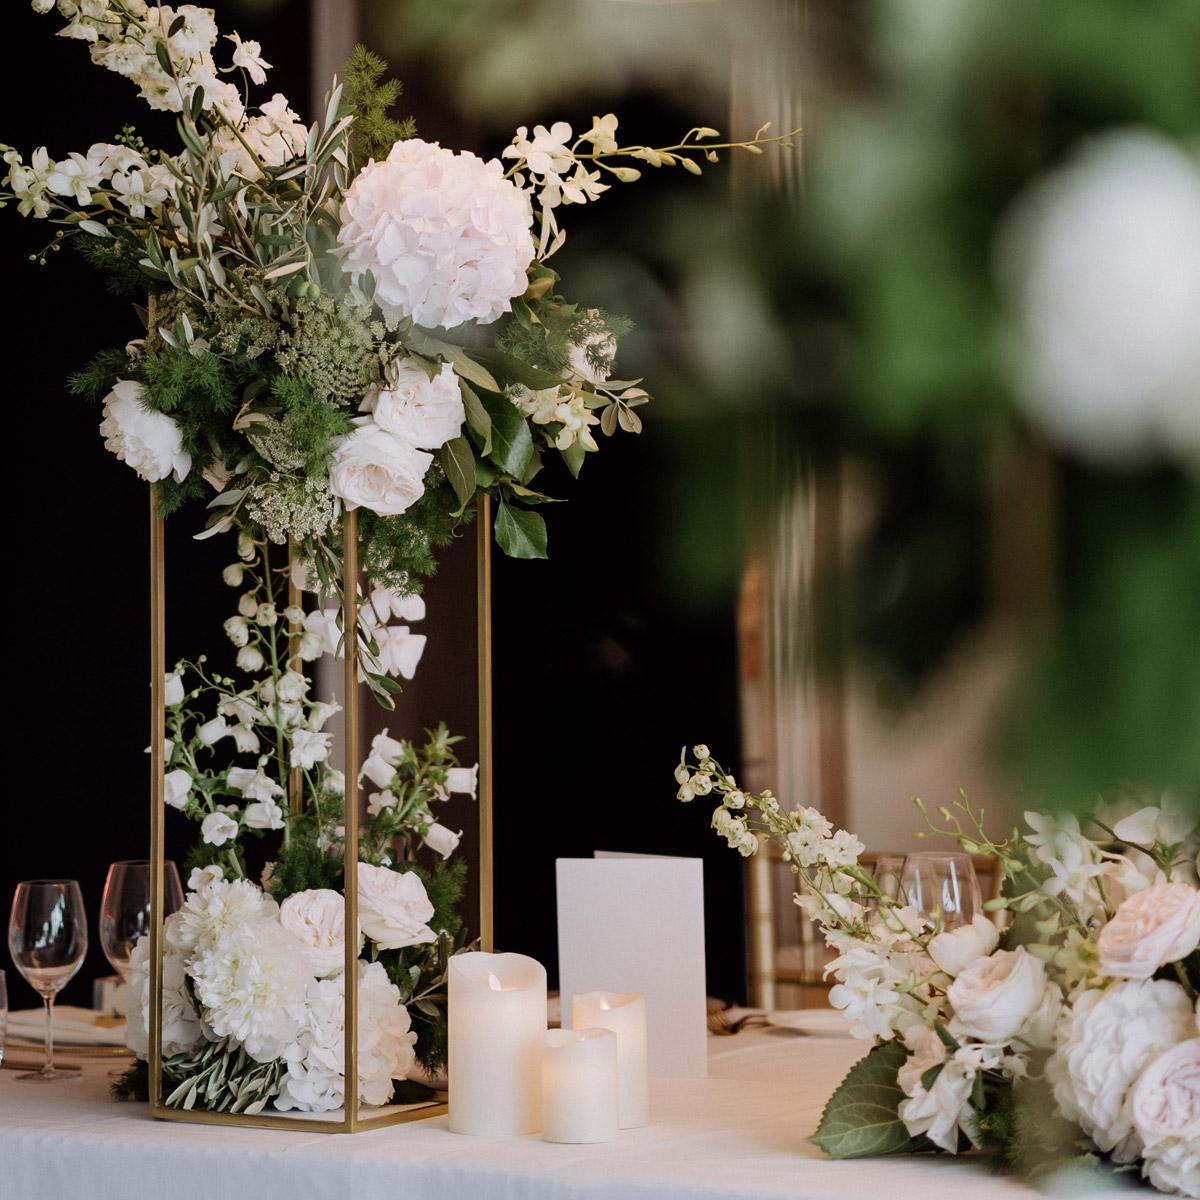 DIY Tischdekoration zu Hause: Mietet euch beim Floristen goldene Ständer und macht das hohe Blumengesteck in Weiß Grün und Gold selbst. Gerade wenn man eine elegante Hochzeit zu Hause oder draußen feiert, lohnt sich die Investition in elektrische LED-Kerzen. Für die Hochzeitsblumen im All White Stil mit Greenery-Touch wurden die goldenen Center Pieces bzw. Blumenständer mit weißen Hortensien, englischen Rosen und grünem Eukalyptus bestückt. Besucht den Blog von #hochzeitslicht © www.hochzeitslicht.de für mehr #hochzeitsideen bzw. #hochzeitsfotos vom #hochzeitstisch daheim.